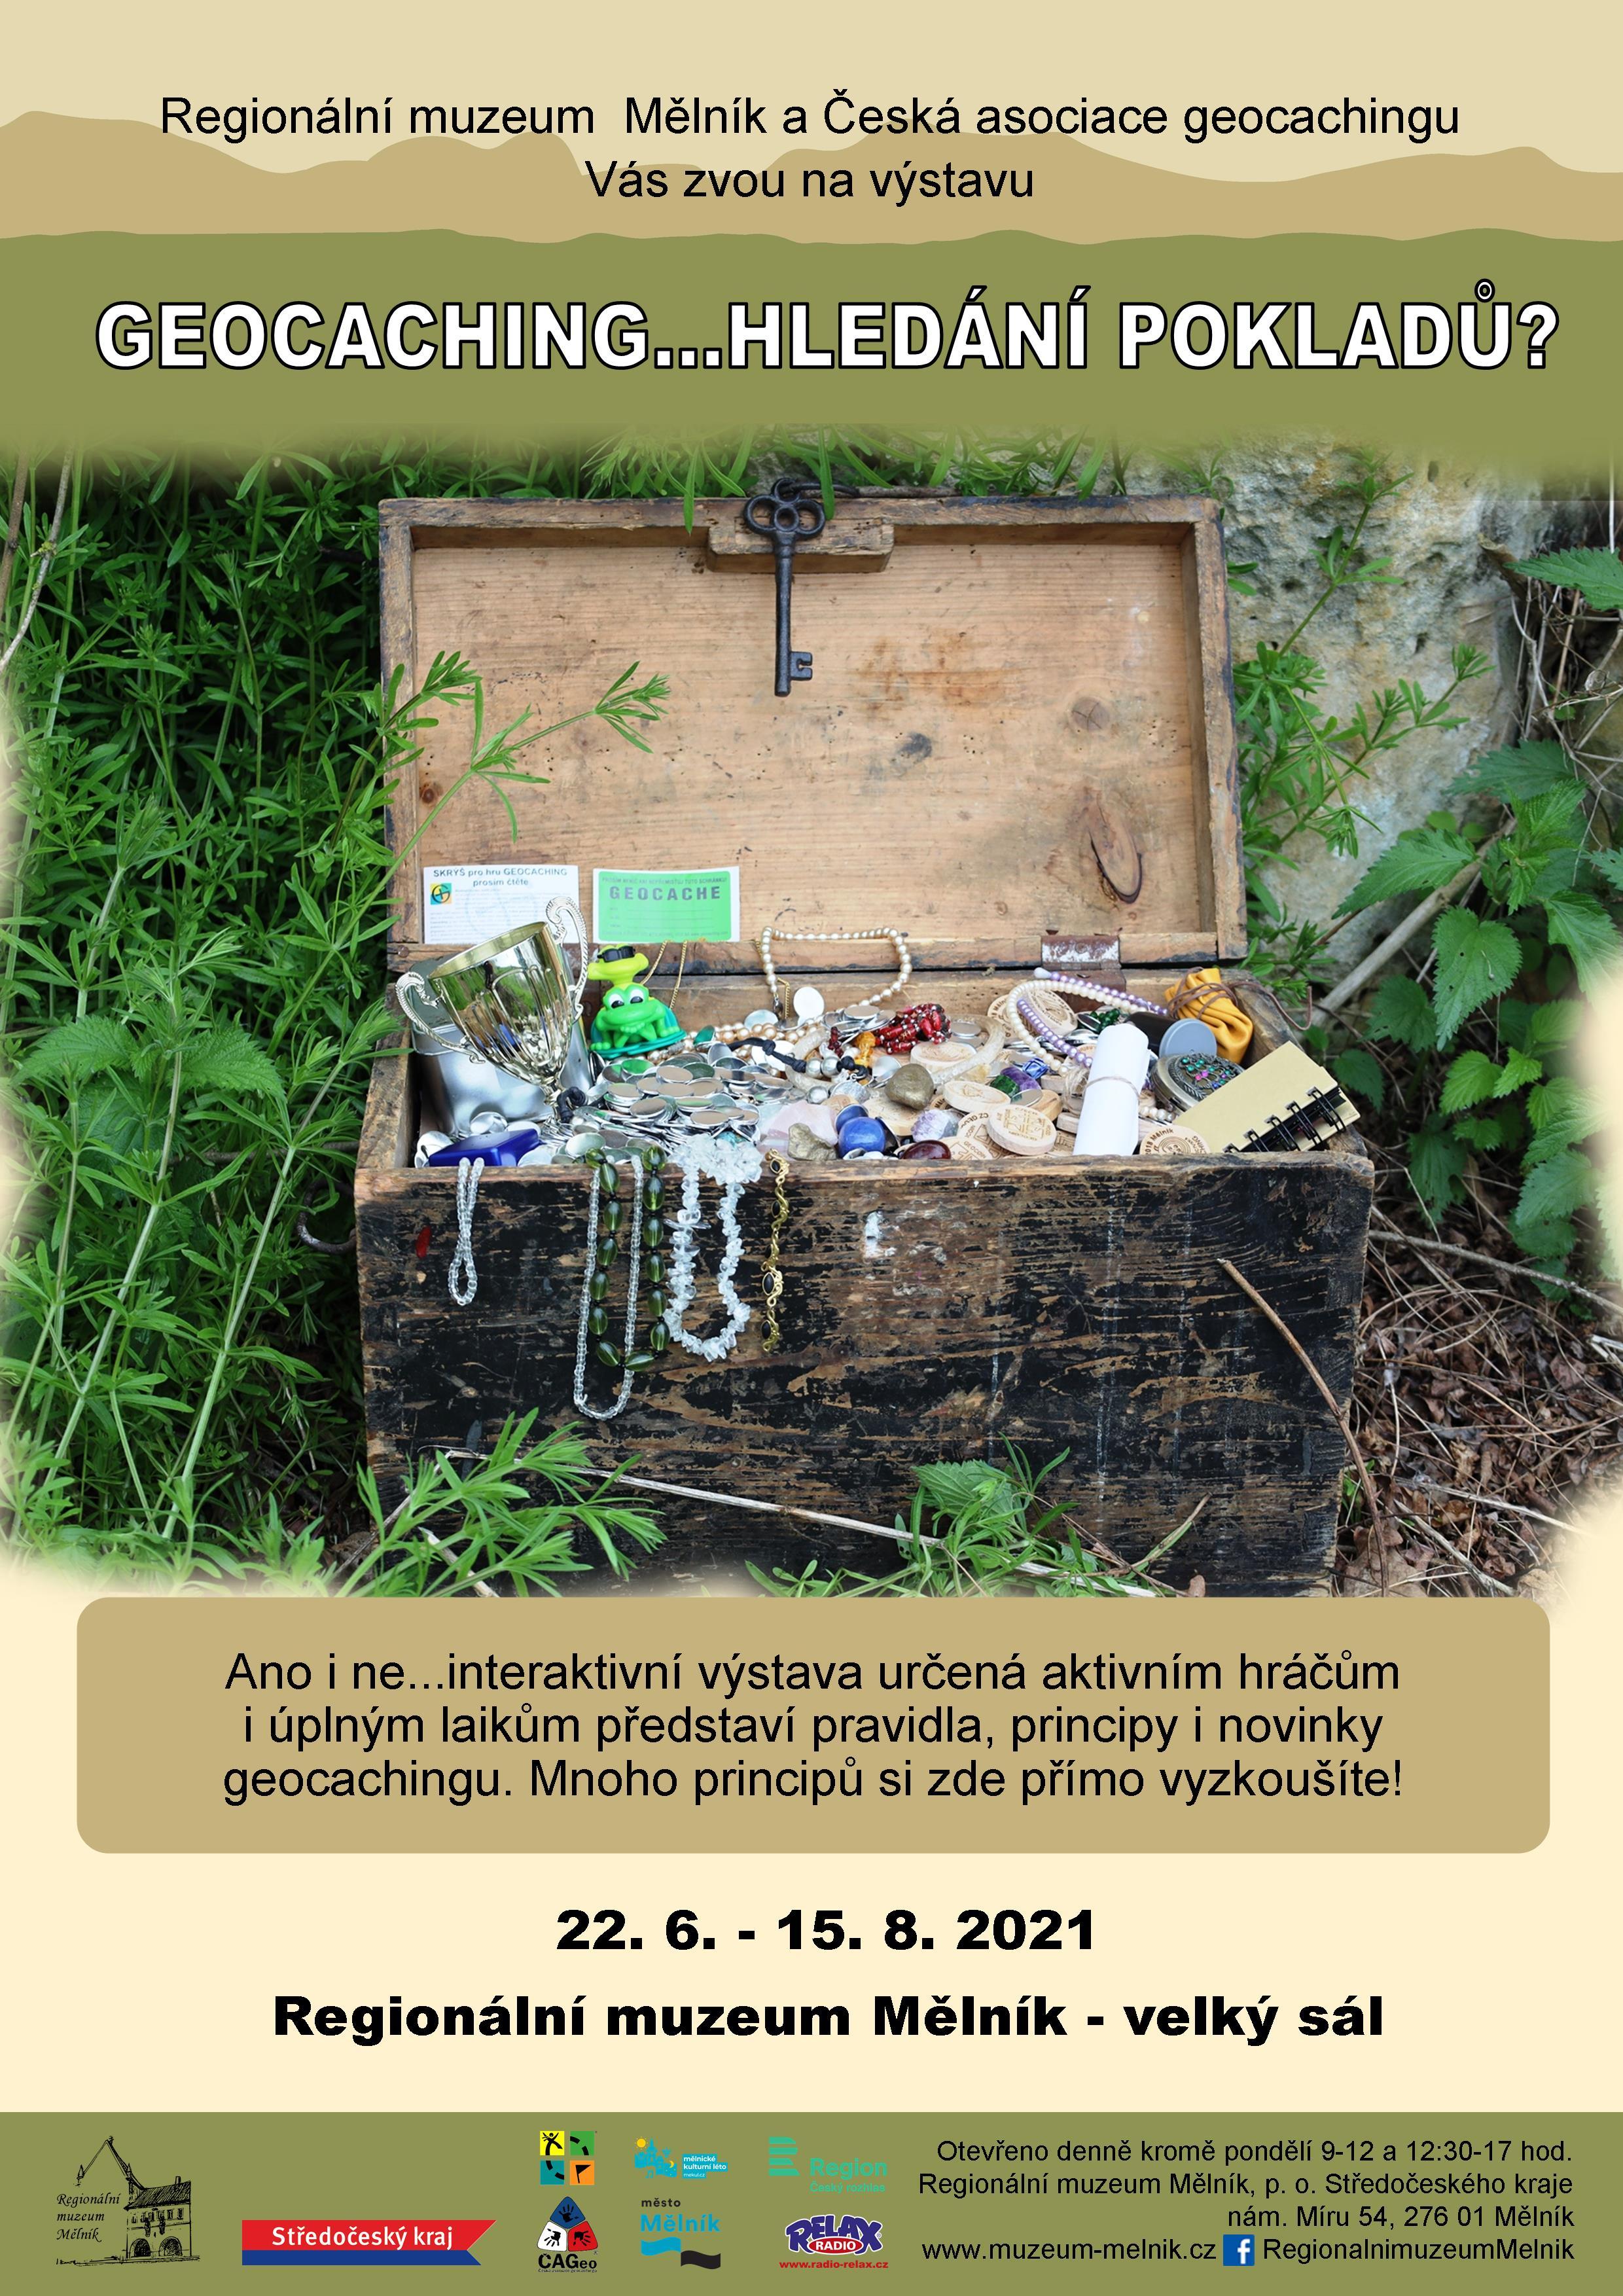 Geocaching...hledání pokladů?